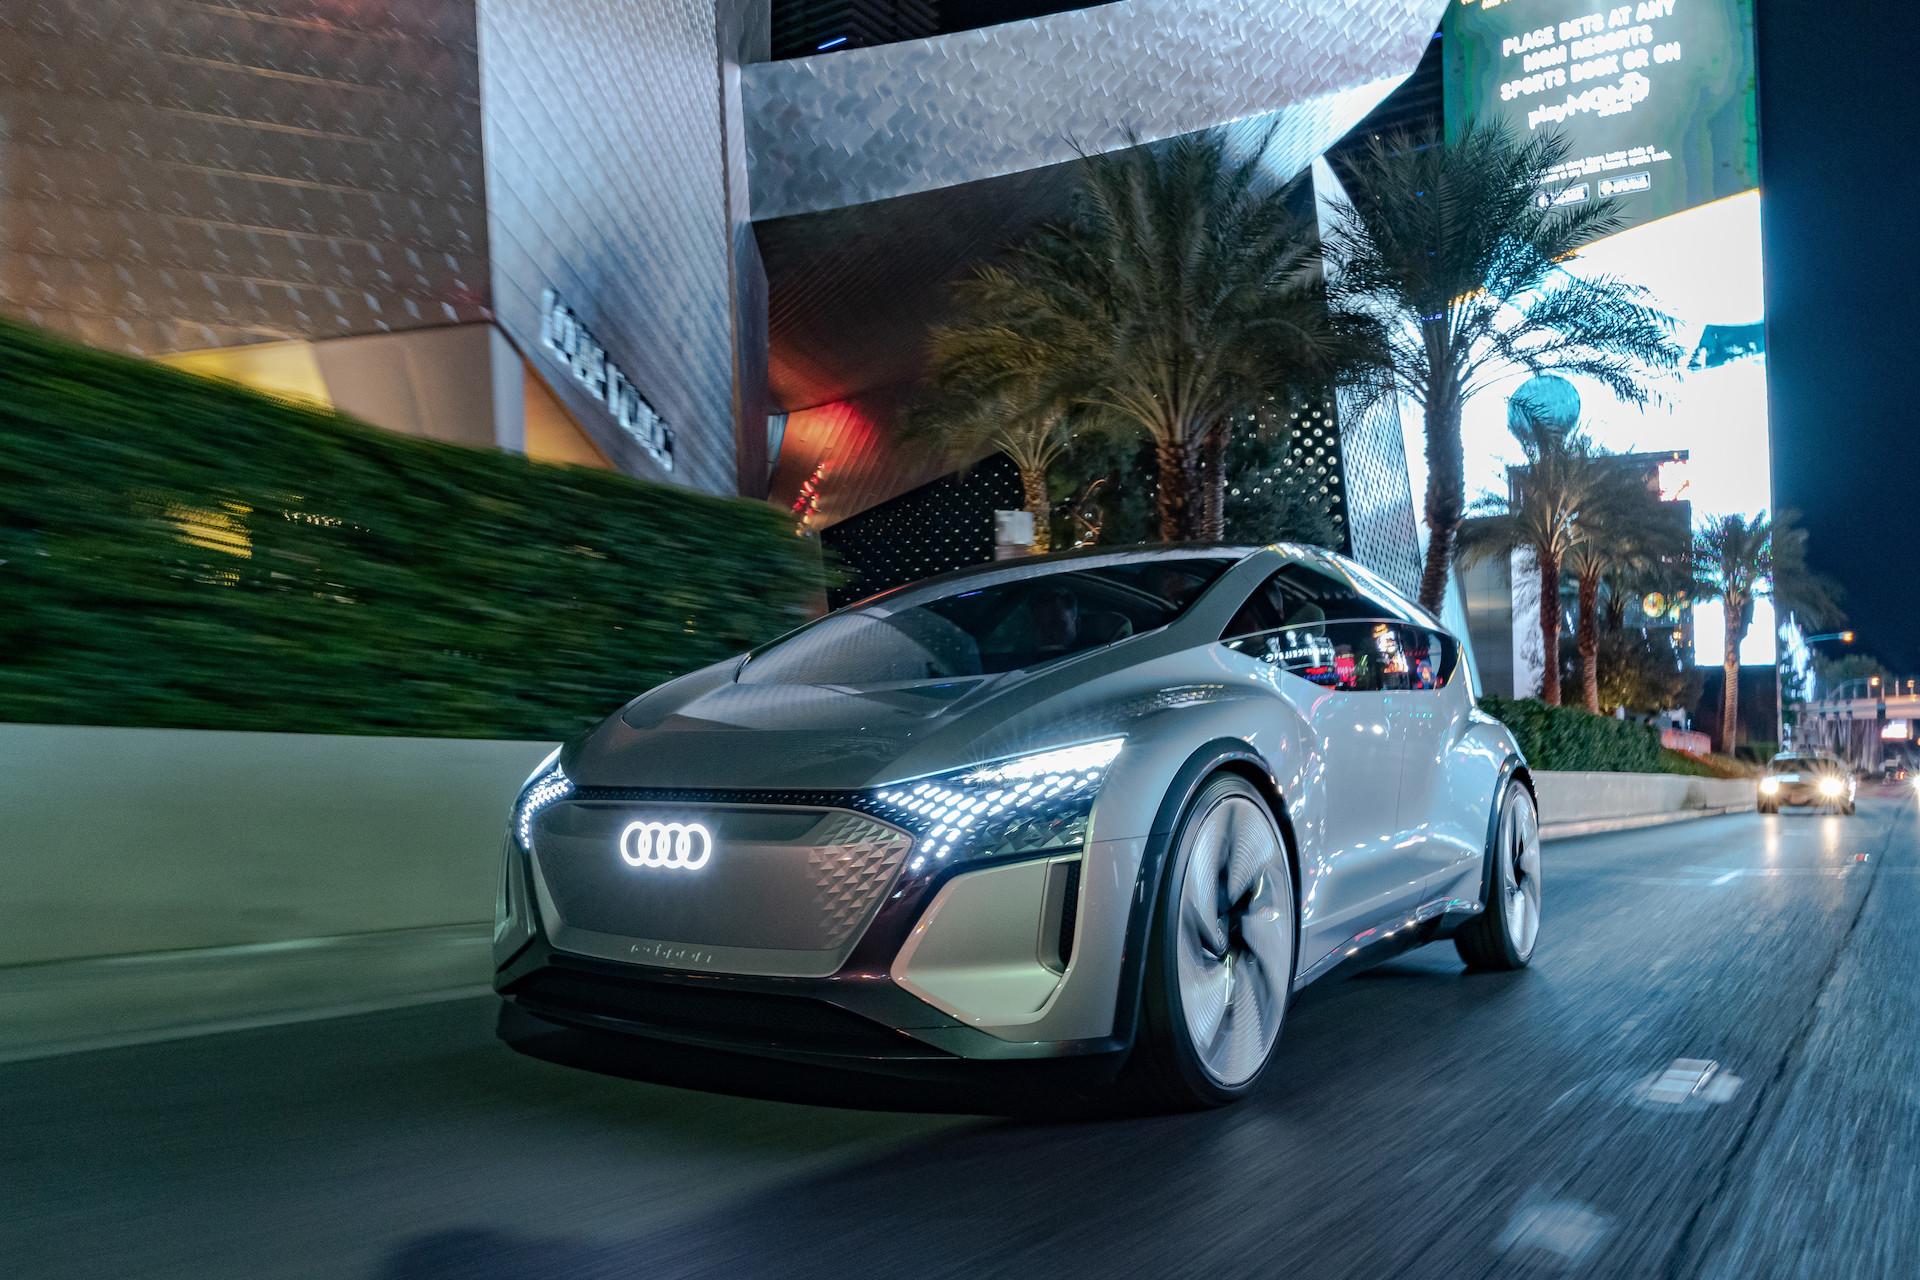 Audi auf der CES 2020: Die Neuheiten und Zukunftskonzepte in Las Vegas 1